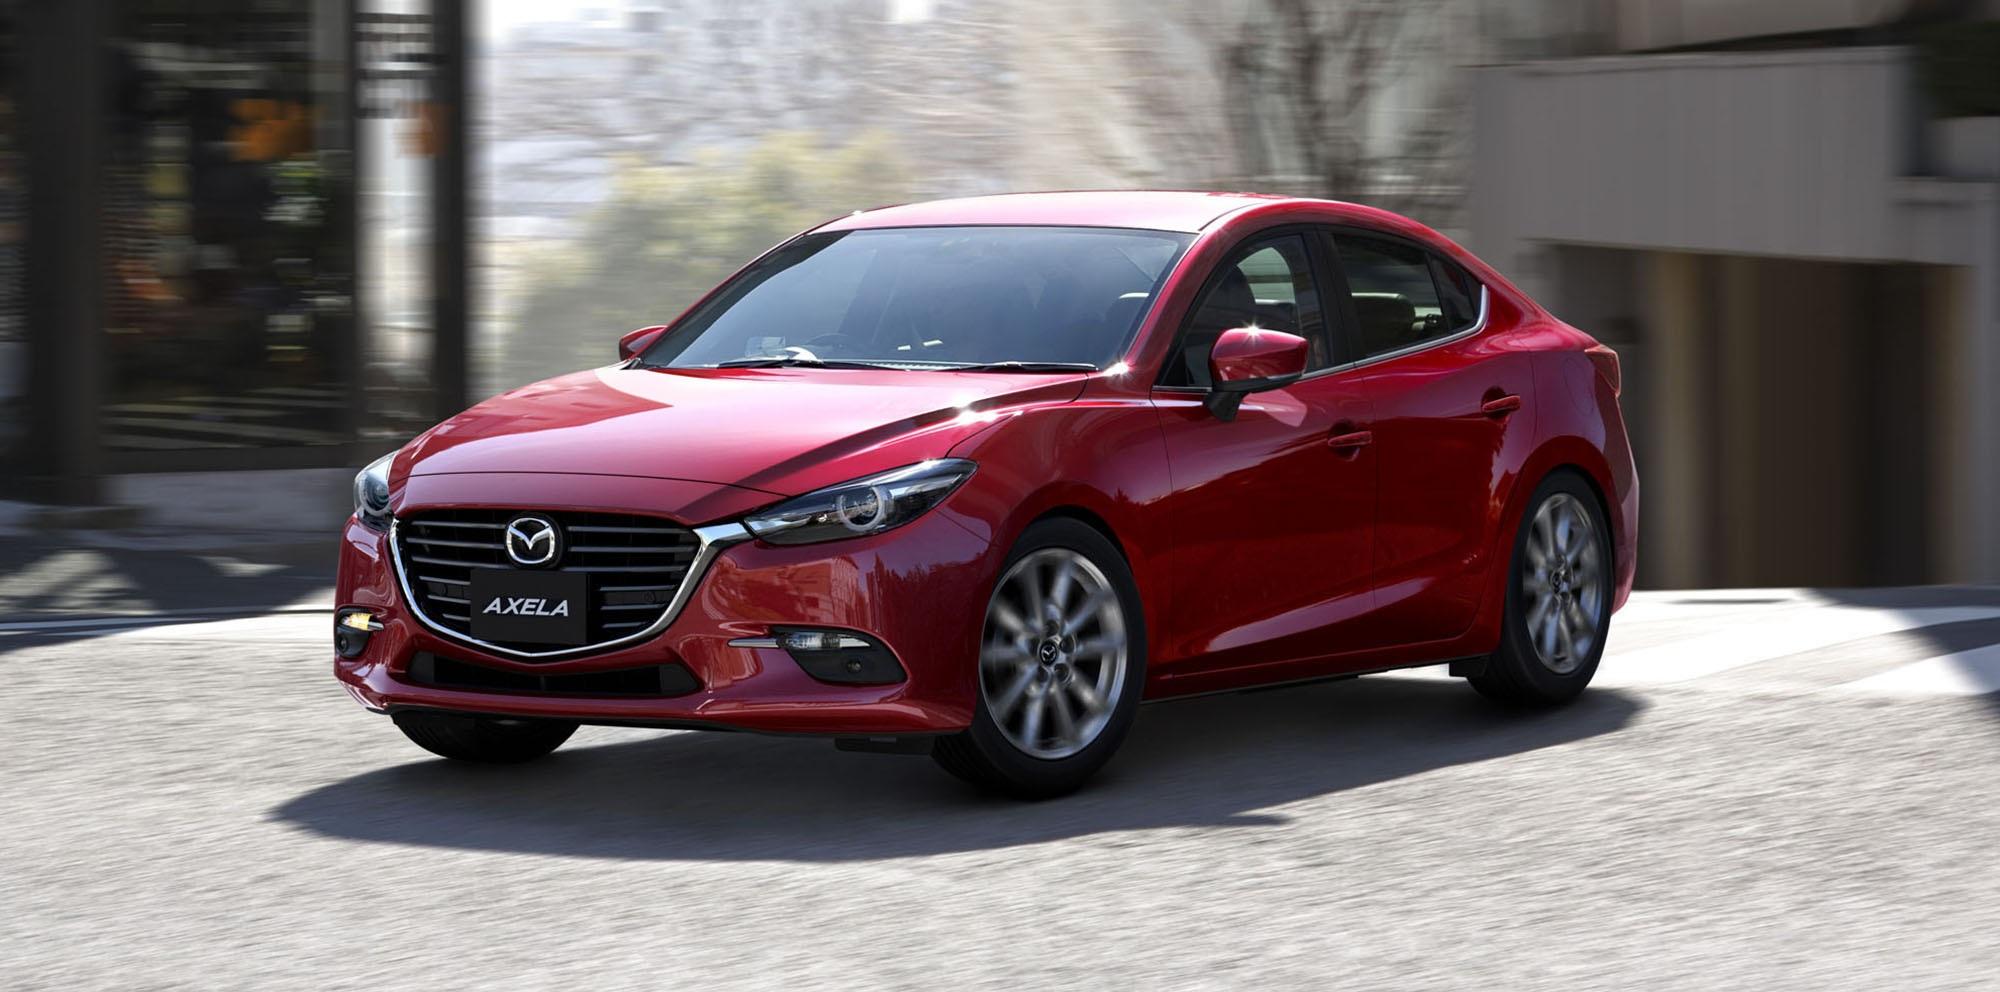 Mazda3 2017 được dự đoán có giá khoảng 18.500 USD cho phiên bản hatchback và 17.800 USD cho phiên bản sedan